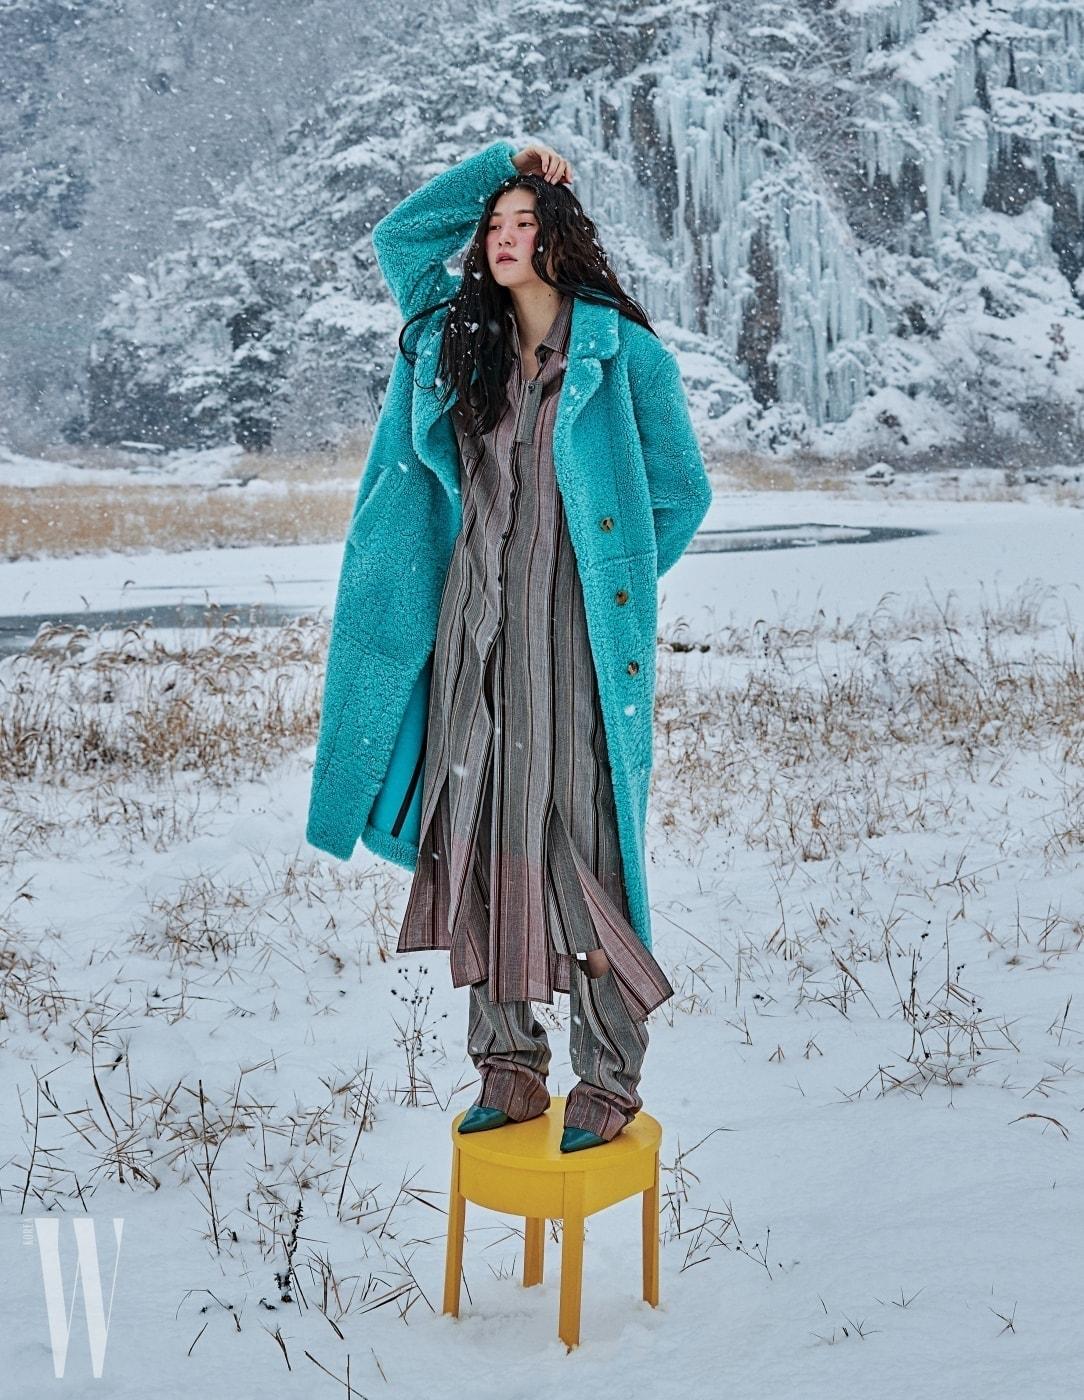 시어링 소재의 푸른색 롱 코트는 버버리 제품. 8백50만원. 밑단 절개 장식이 독특한 스트라이프 패턴 롱 셔츠와 무릎에 절개가 있는 팬츠, 푸른색 펌프스는 모두 셀린 제품. 모두 가격 미정.